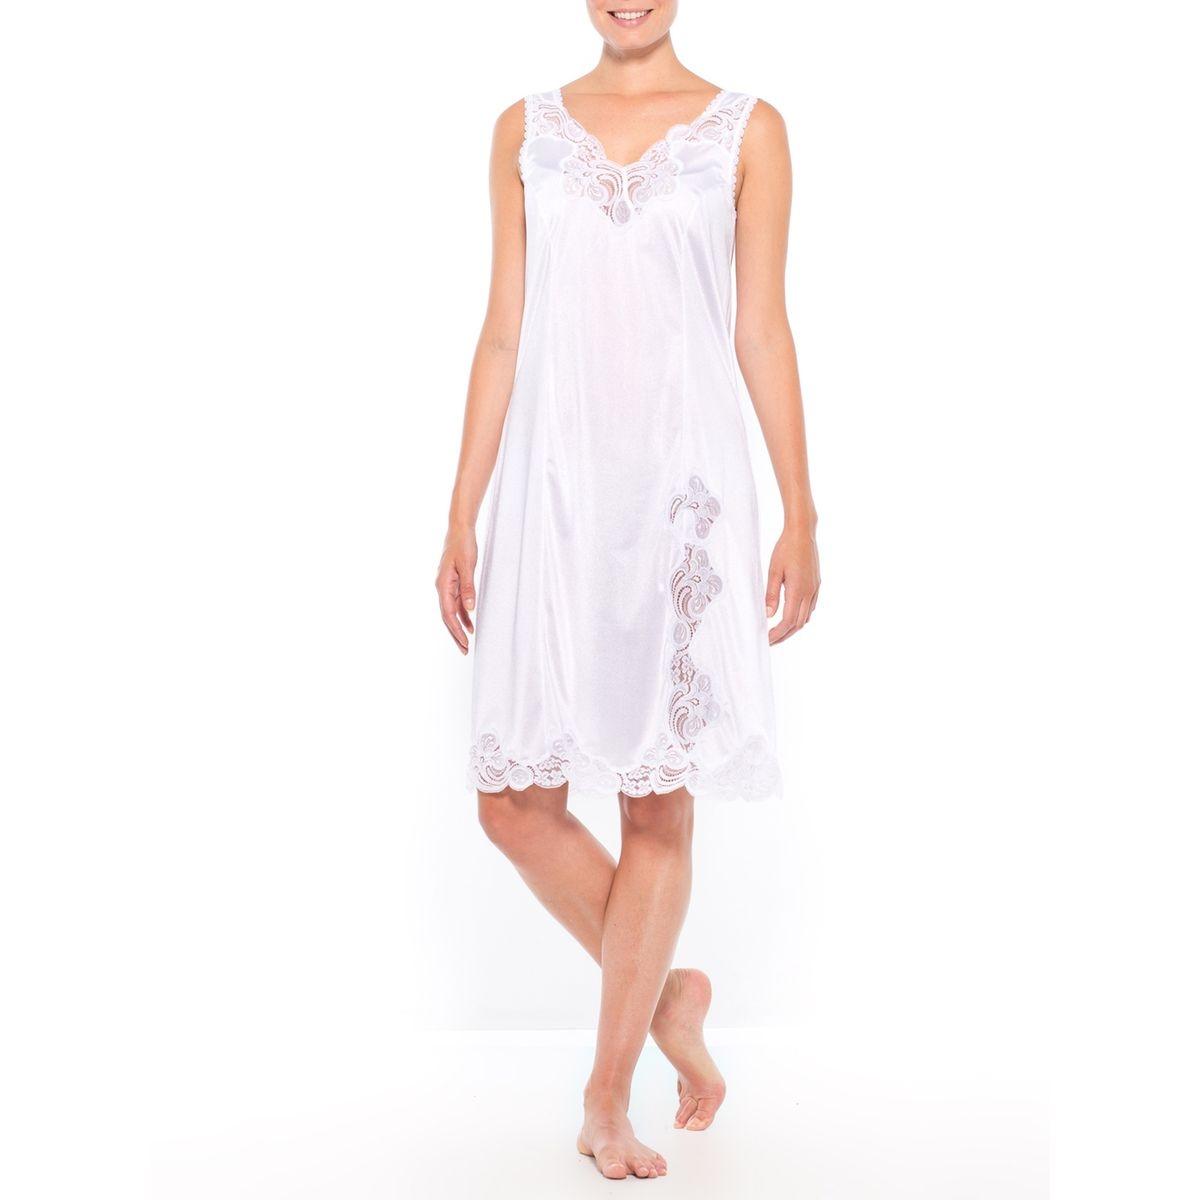 Fond de robe maille satinée, longueur 100cm